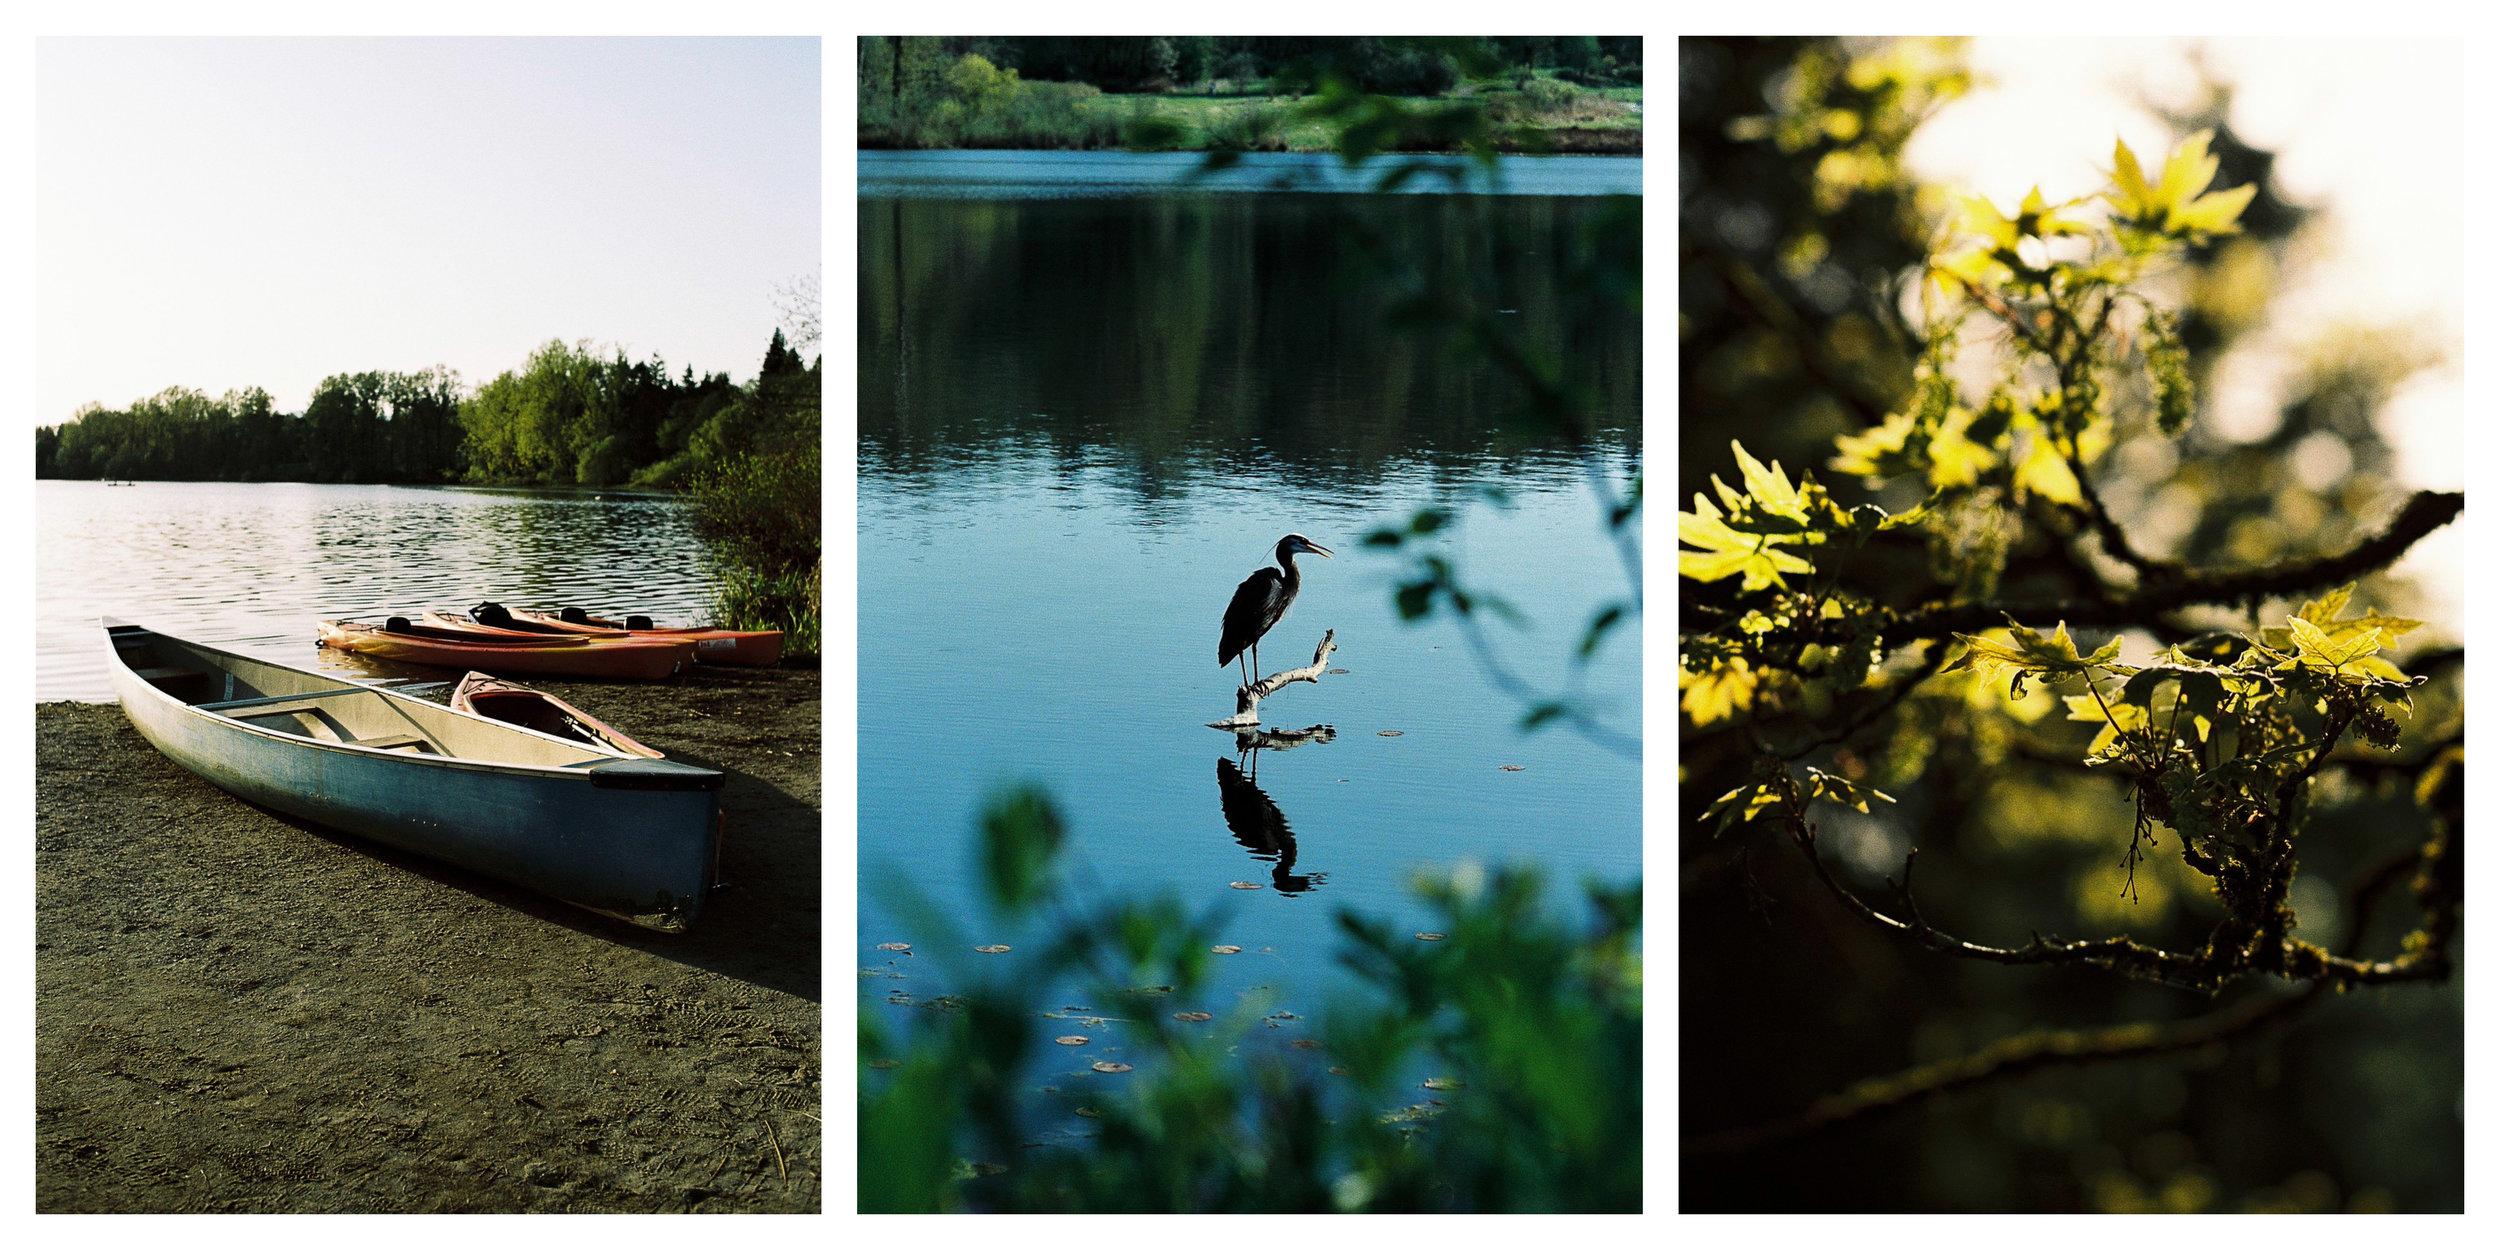 Nikon F3T | Kodak Portra 400 +1 - Kodak Portra 160 +1